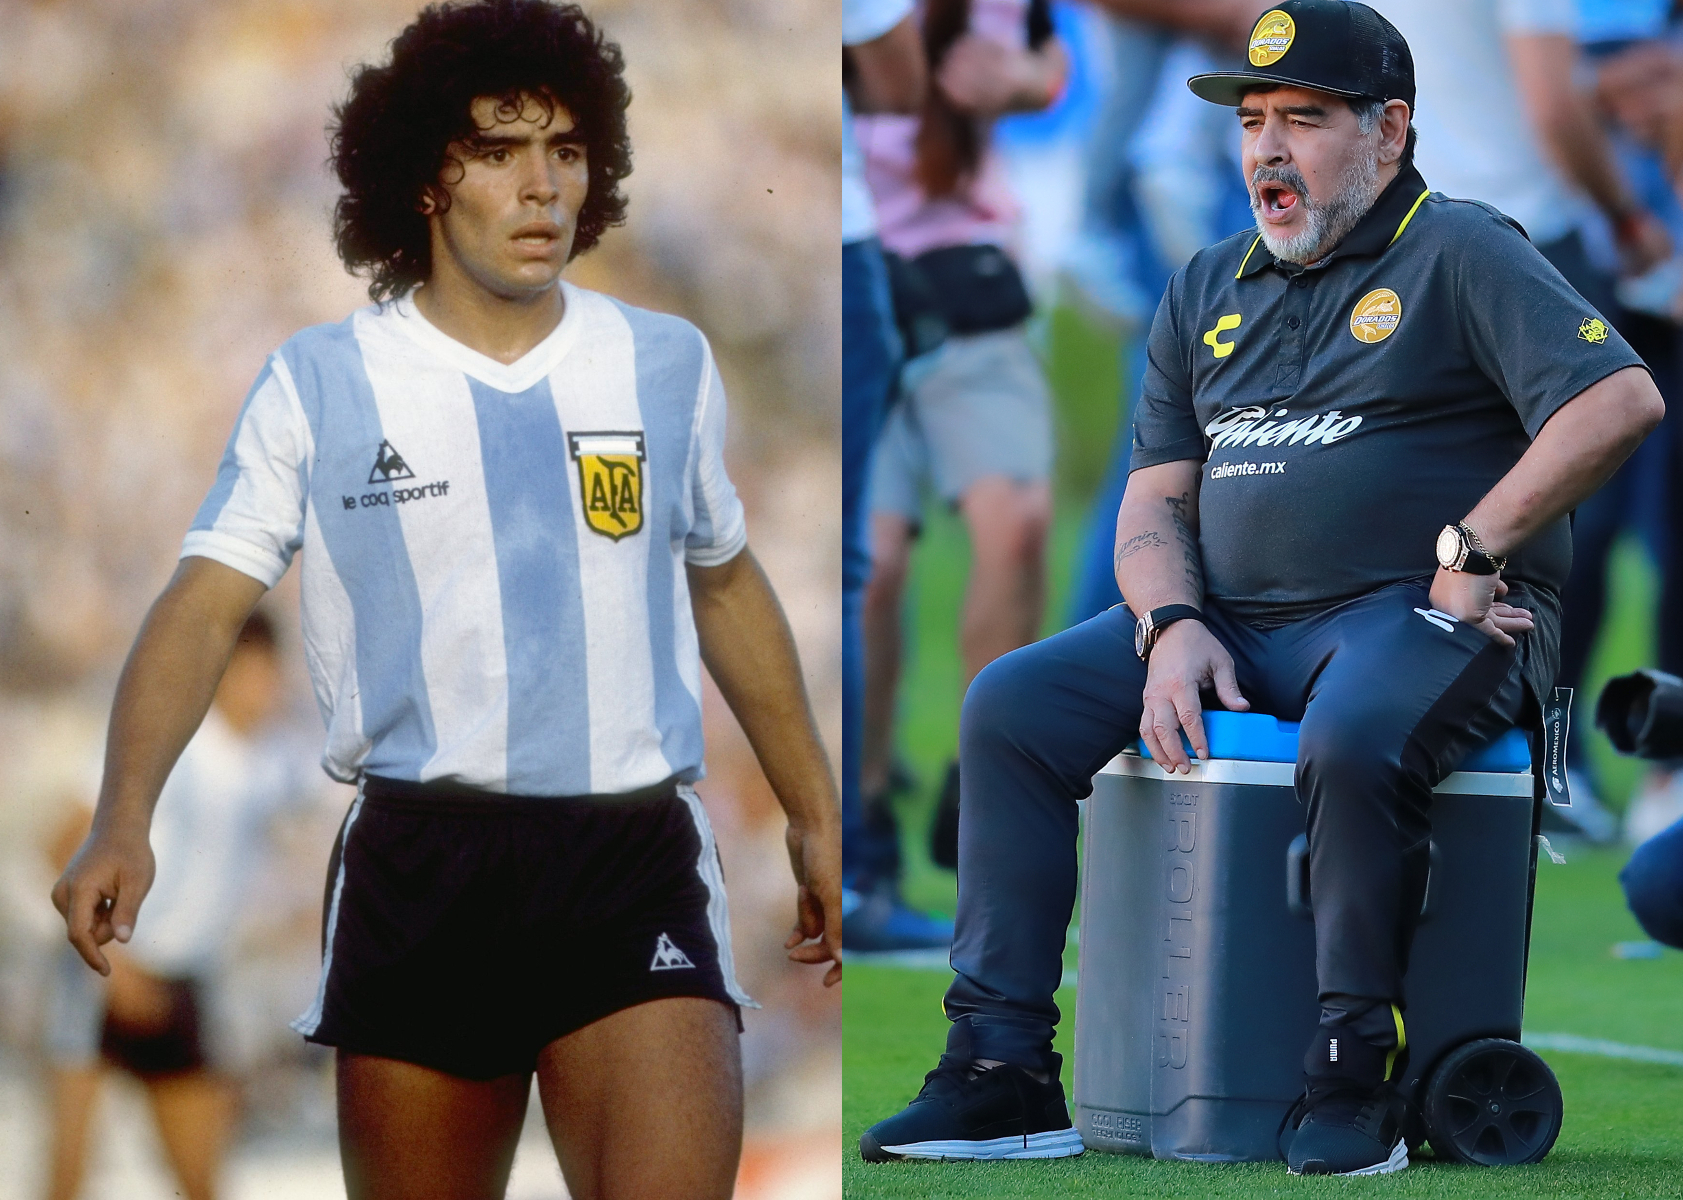 Diego Armando Maradona: Care este averea ta pe care ai avut-o până în ziua morții tale?